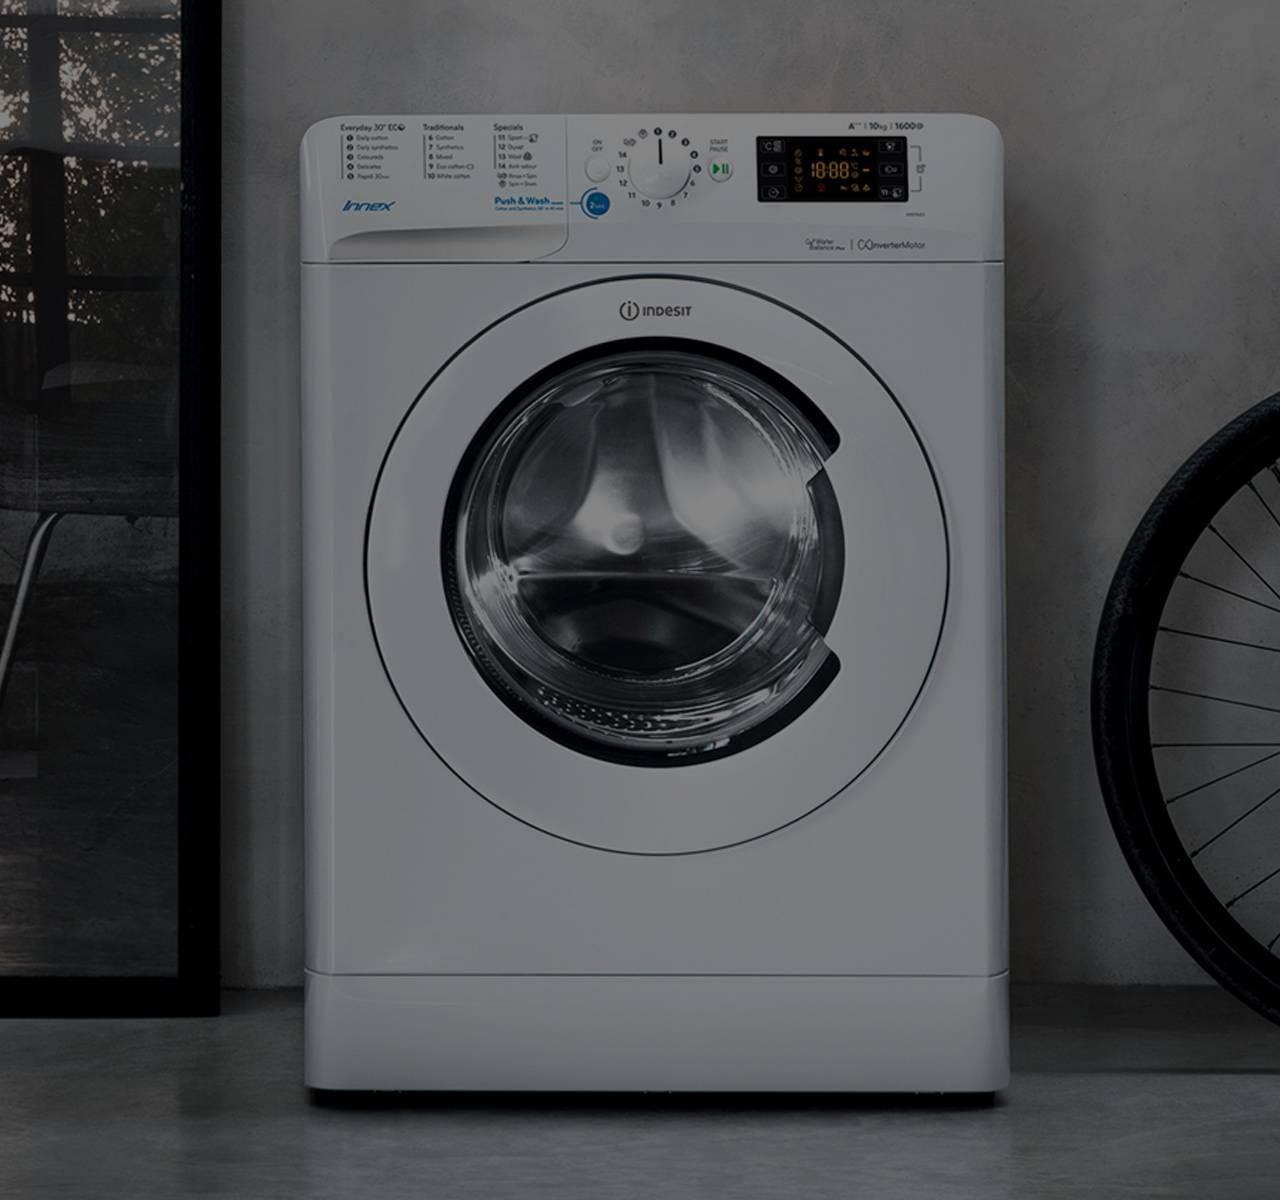 Uncategorized Argos Kitchen Appliances Sale kitchen domestic items daily info argos appliances tboots us electricals go seconds